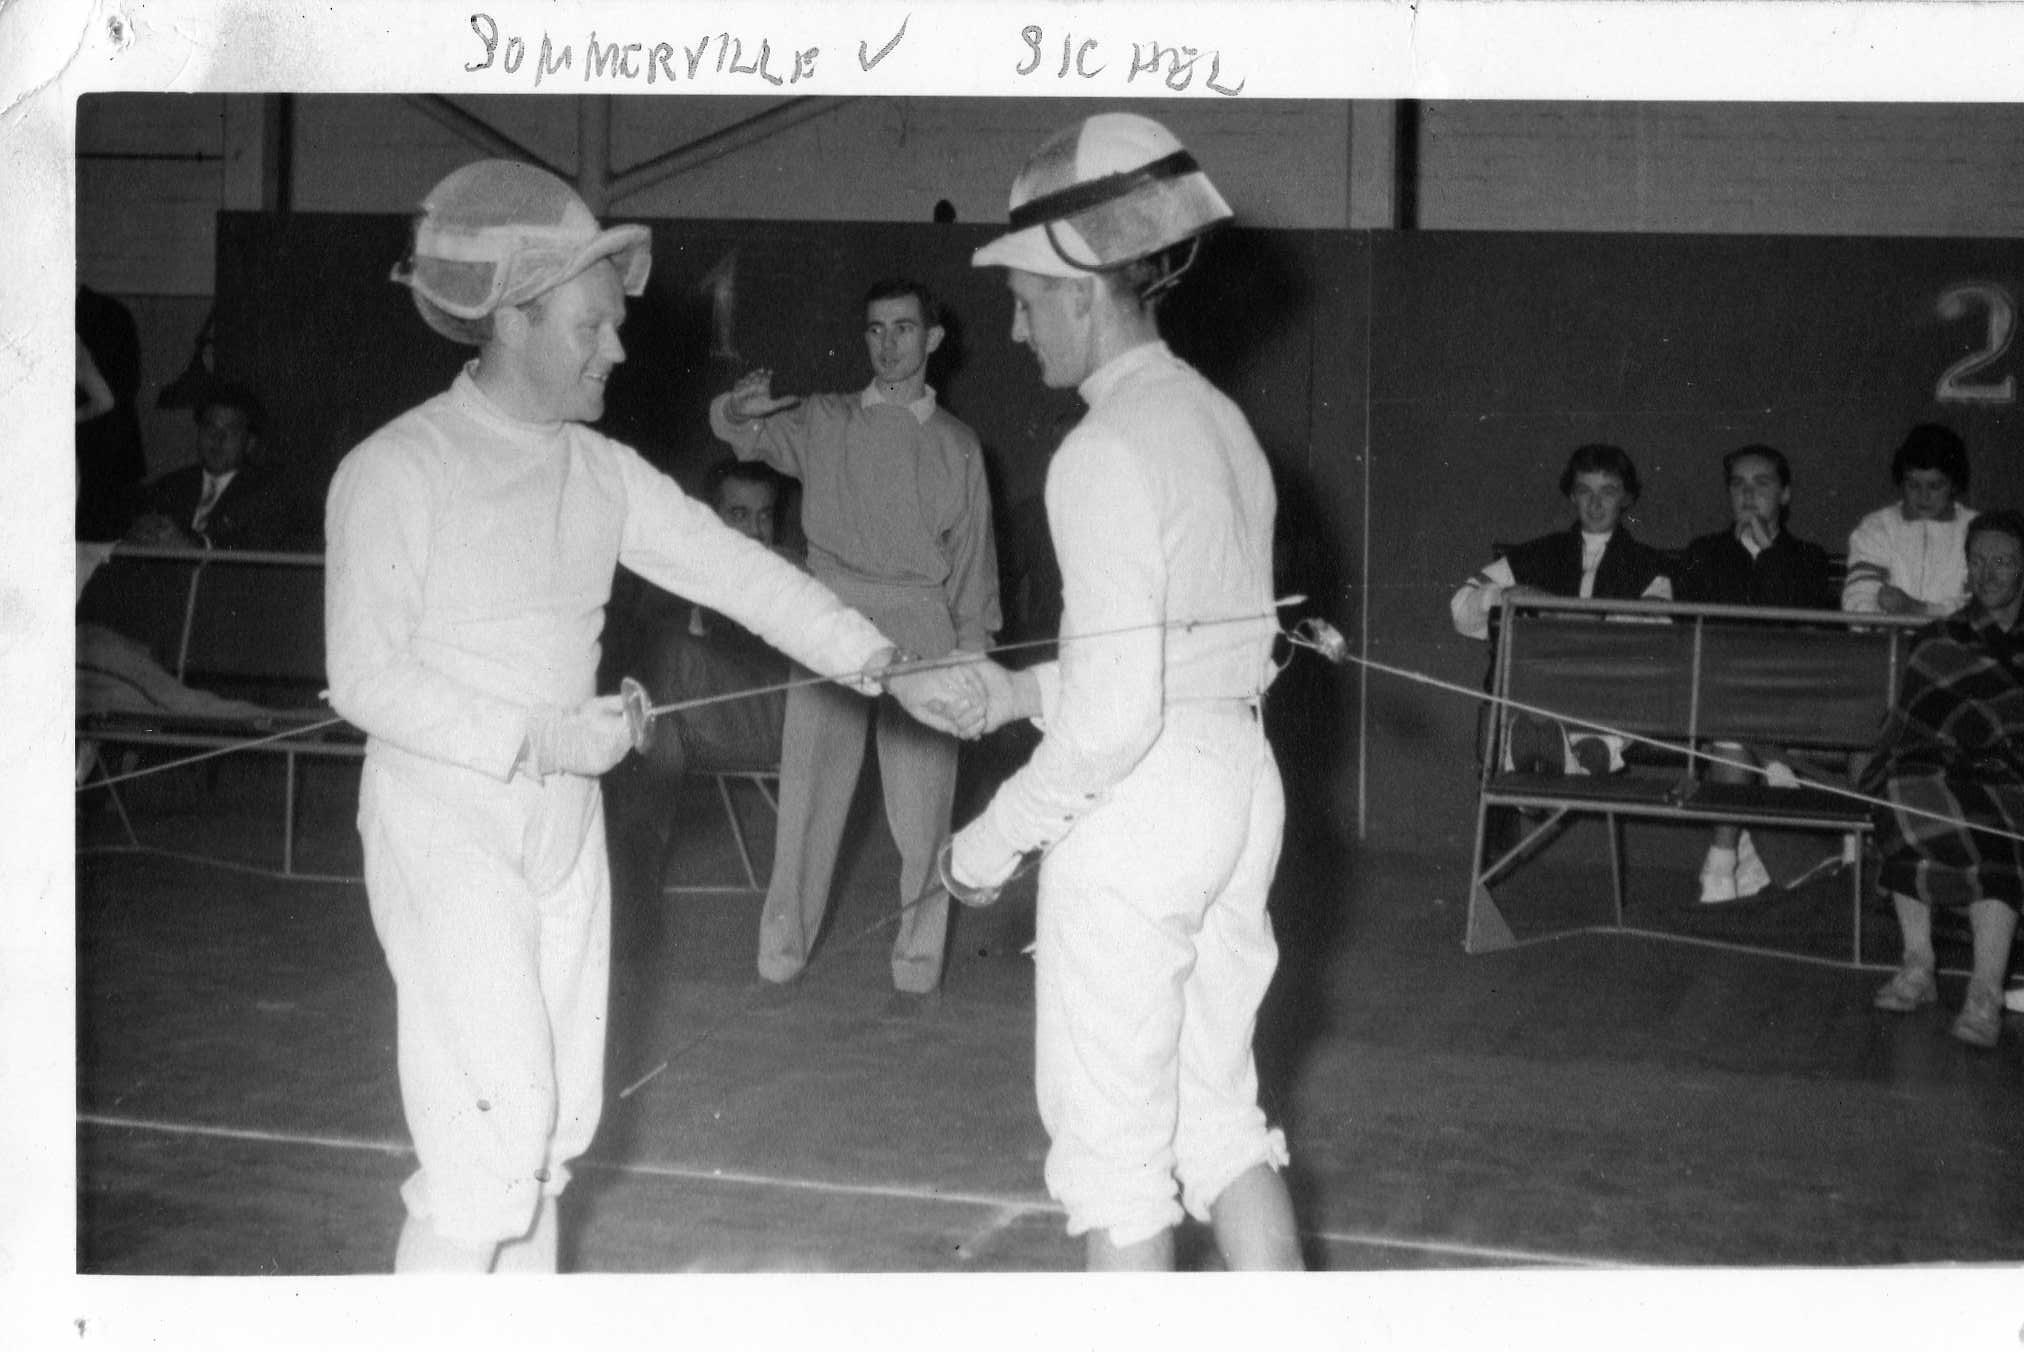 L-R: Sommerville vs. Sichel.  Tom Cross (President)